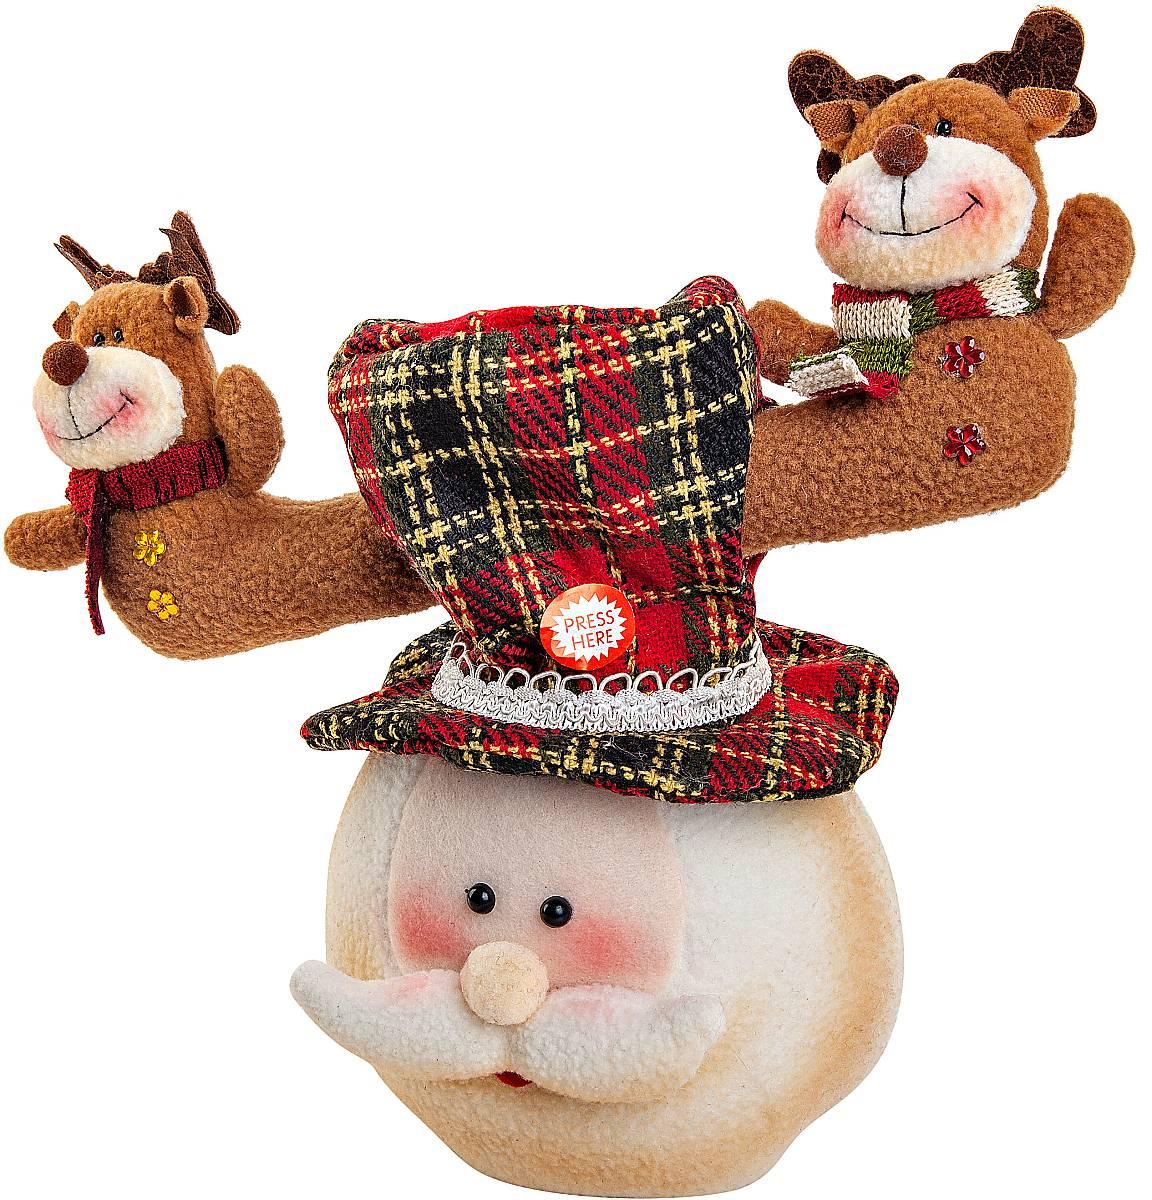 Игрушка новогодняя Mister Christmas Дед Мороз, электромеханическая, высота 30 смCHL-312SNНовогодняя пляшущая и поющая игрушка Mister Christmas Дед Мороз послужит оригинальным подарком в преддверии Нового года.Внешний вид сувенира весьма незатейлив. Изделие выполнено в виде головы Деда Мороза с колпаком, дополнением служат рога с фигурами оленей. При нажатии на эти рожки игрушка начинает двигаться в такт песни. Несмотря на столь ритмичные движения, механизм игрушки прослужит очень и очень долго. Все материалы, входящие в состав игрушки, прошли тщательные проверки и отличаются высочайшим качеством. Так же стоит отметить и то, что все материалы экологичны и безопасны. Работает от батареек (входят в комплект). Собираясь на празднование Нового года, прихватите с собой новогоднюю музыкальную игрушку Mister Christmas Дед Мороз, ведь это подарок, который говорит сам за себя!Высота игрушки: 30 см.